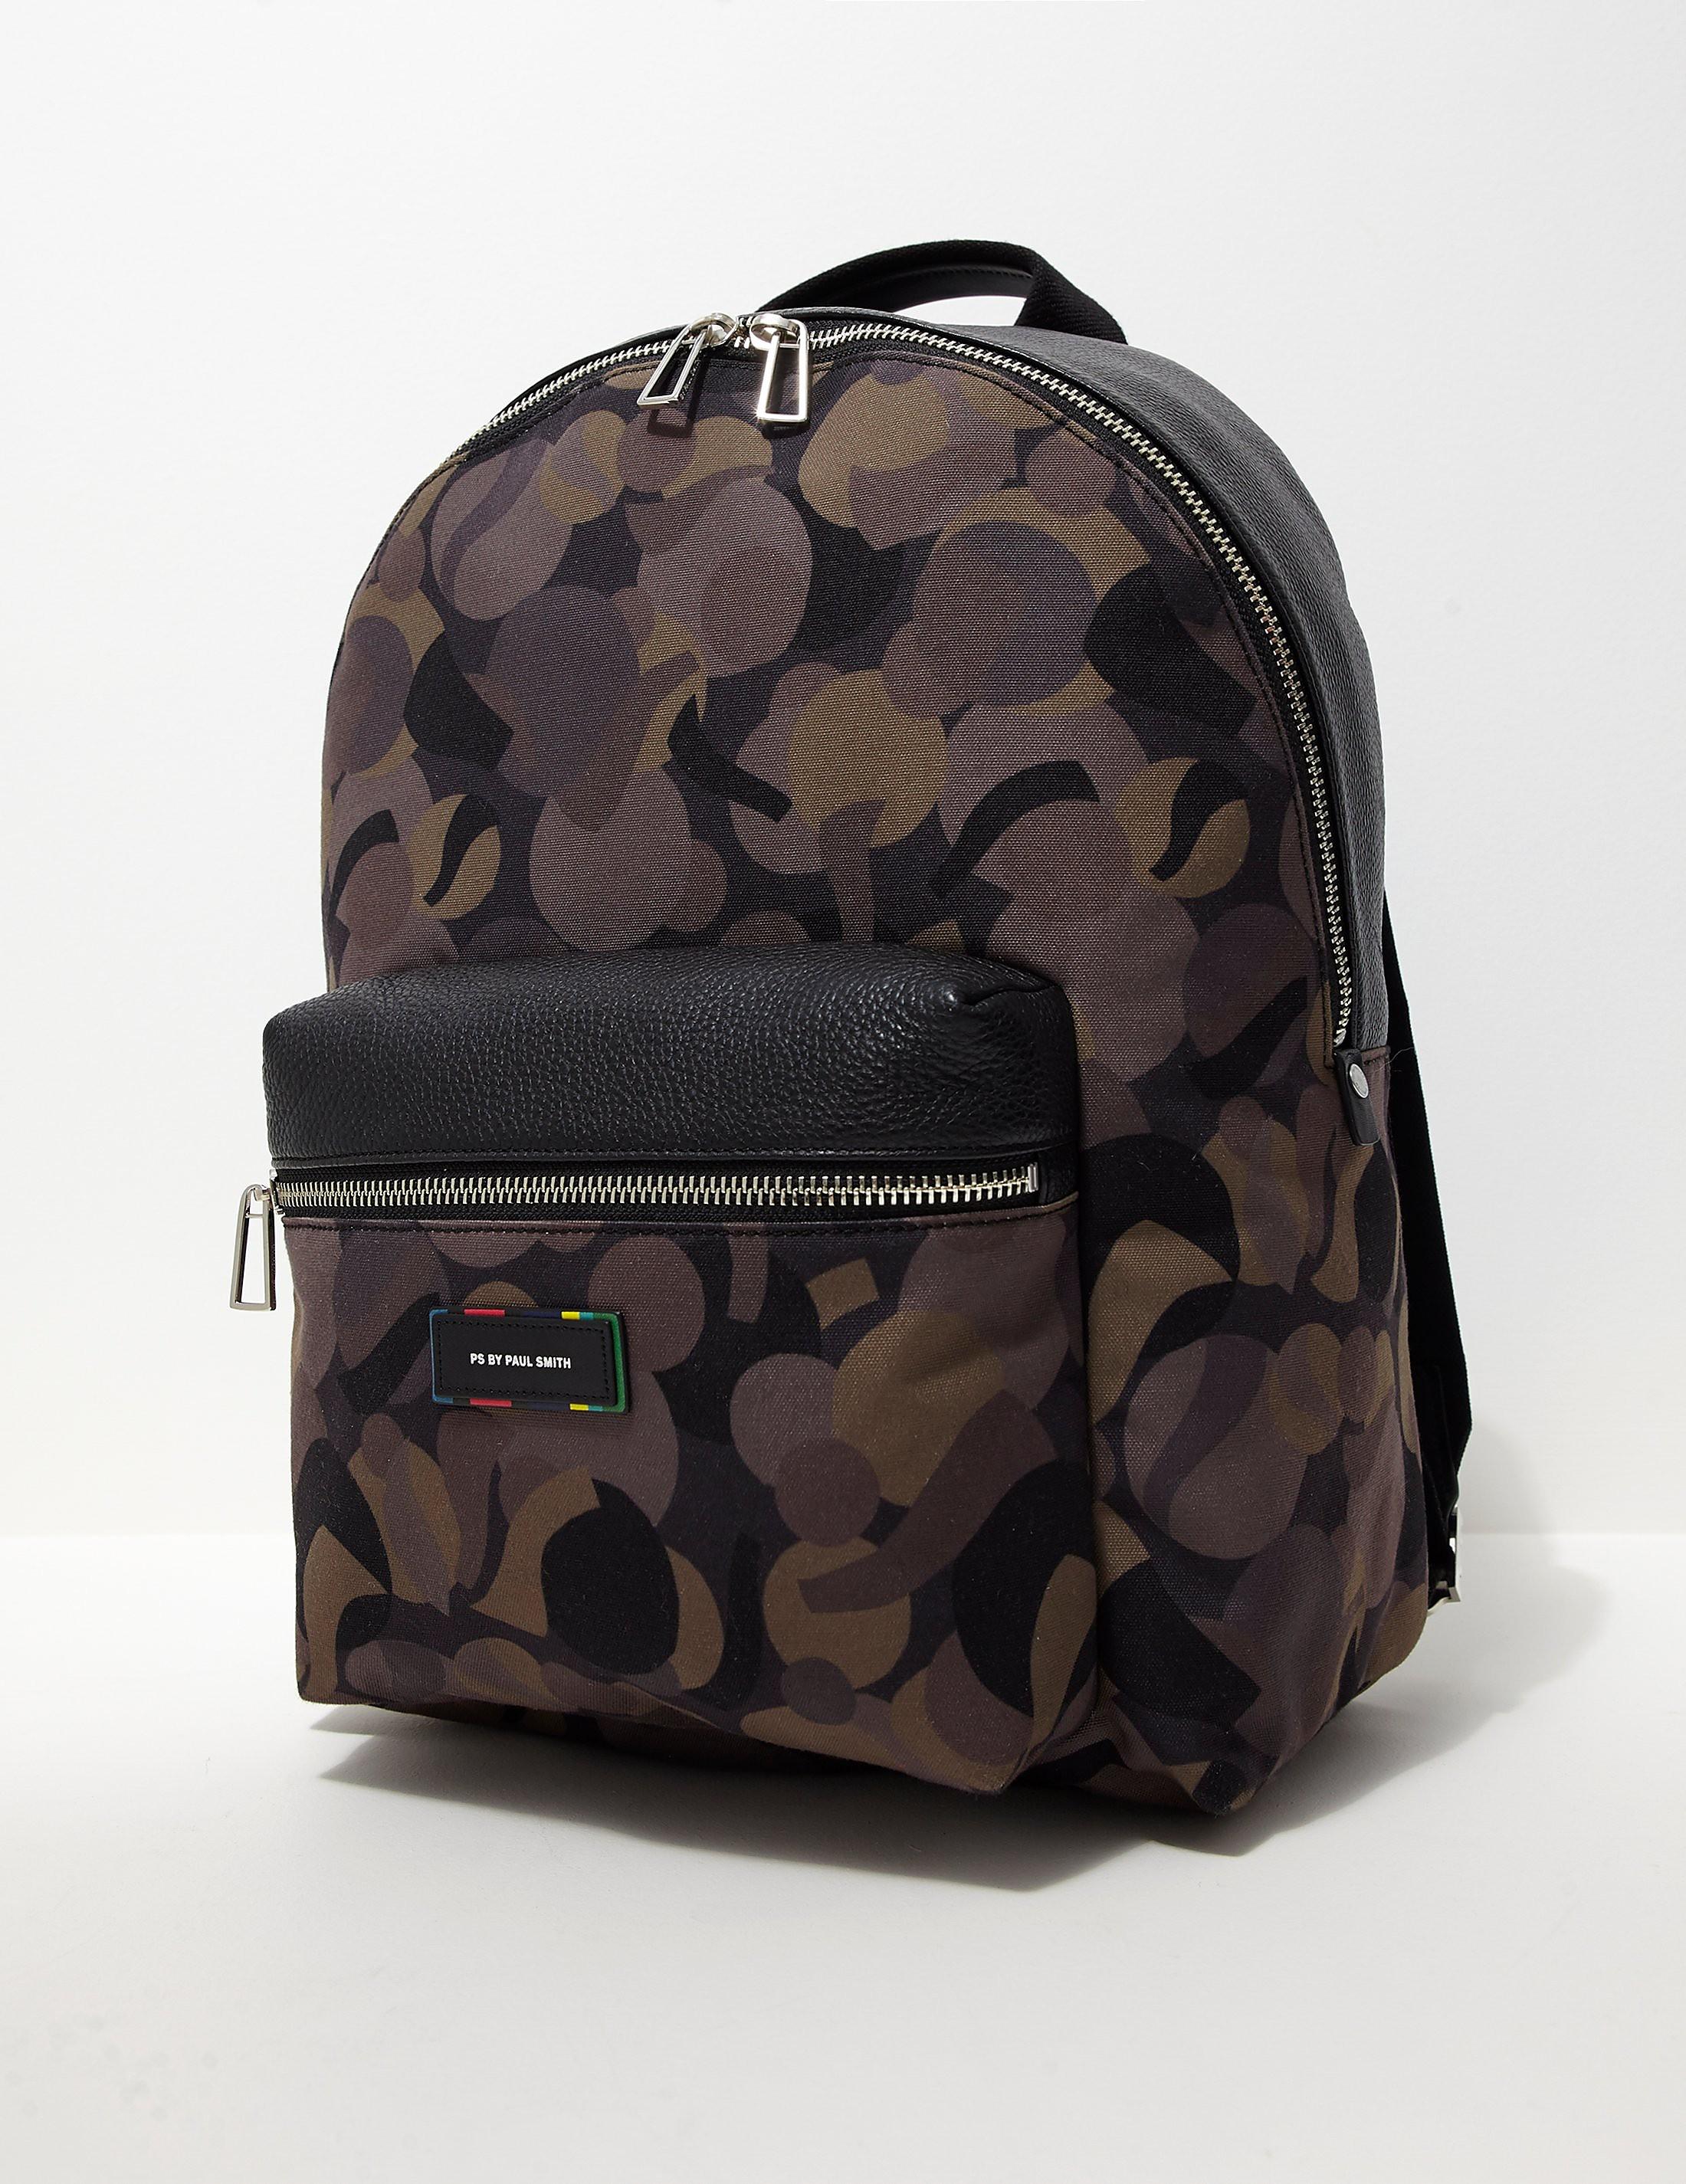 Paul Smith Camoflauge Backpack